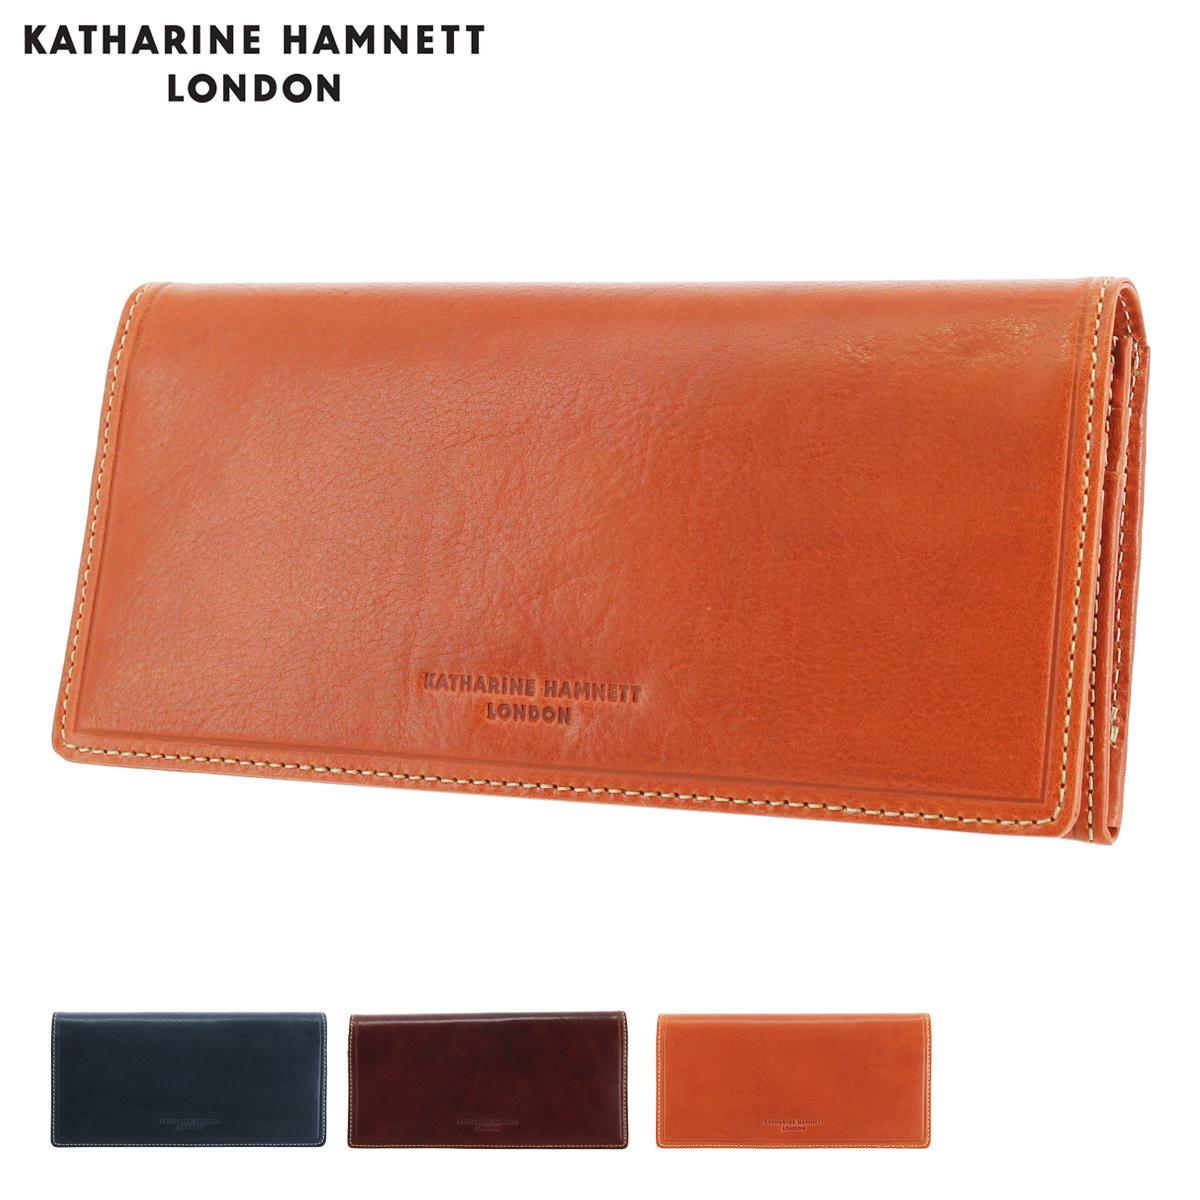 キャサリンハムネット 長財布 かぶせ メンズ LINE MANII 490-58203 KATHARINE HAMNETT | 牛革 本革 レザー[PO10]